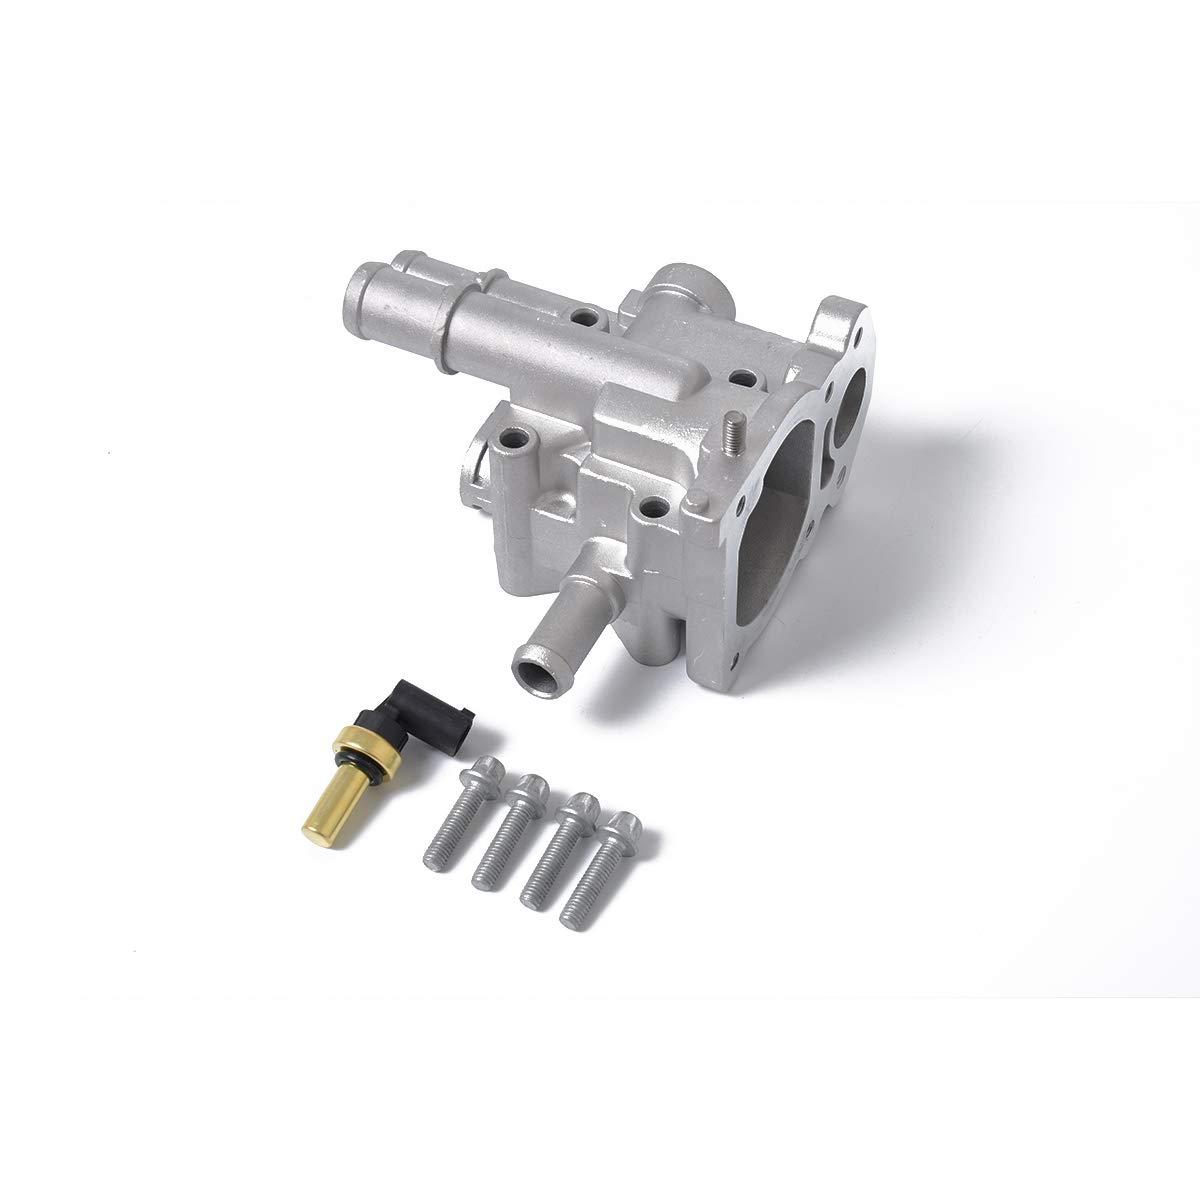 MeterMall Cubierta de Aluminio para termostato de Coche + Sensor para Chevrolet Cruze Opel: Amazon.es: Coche y moto